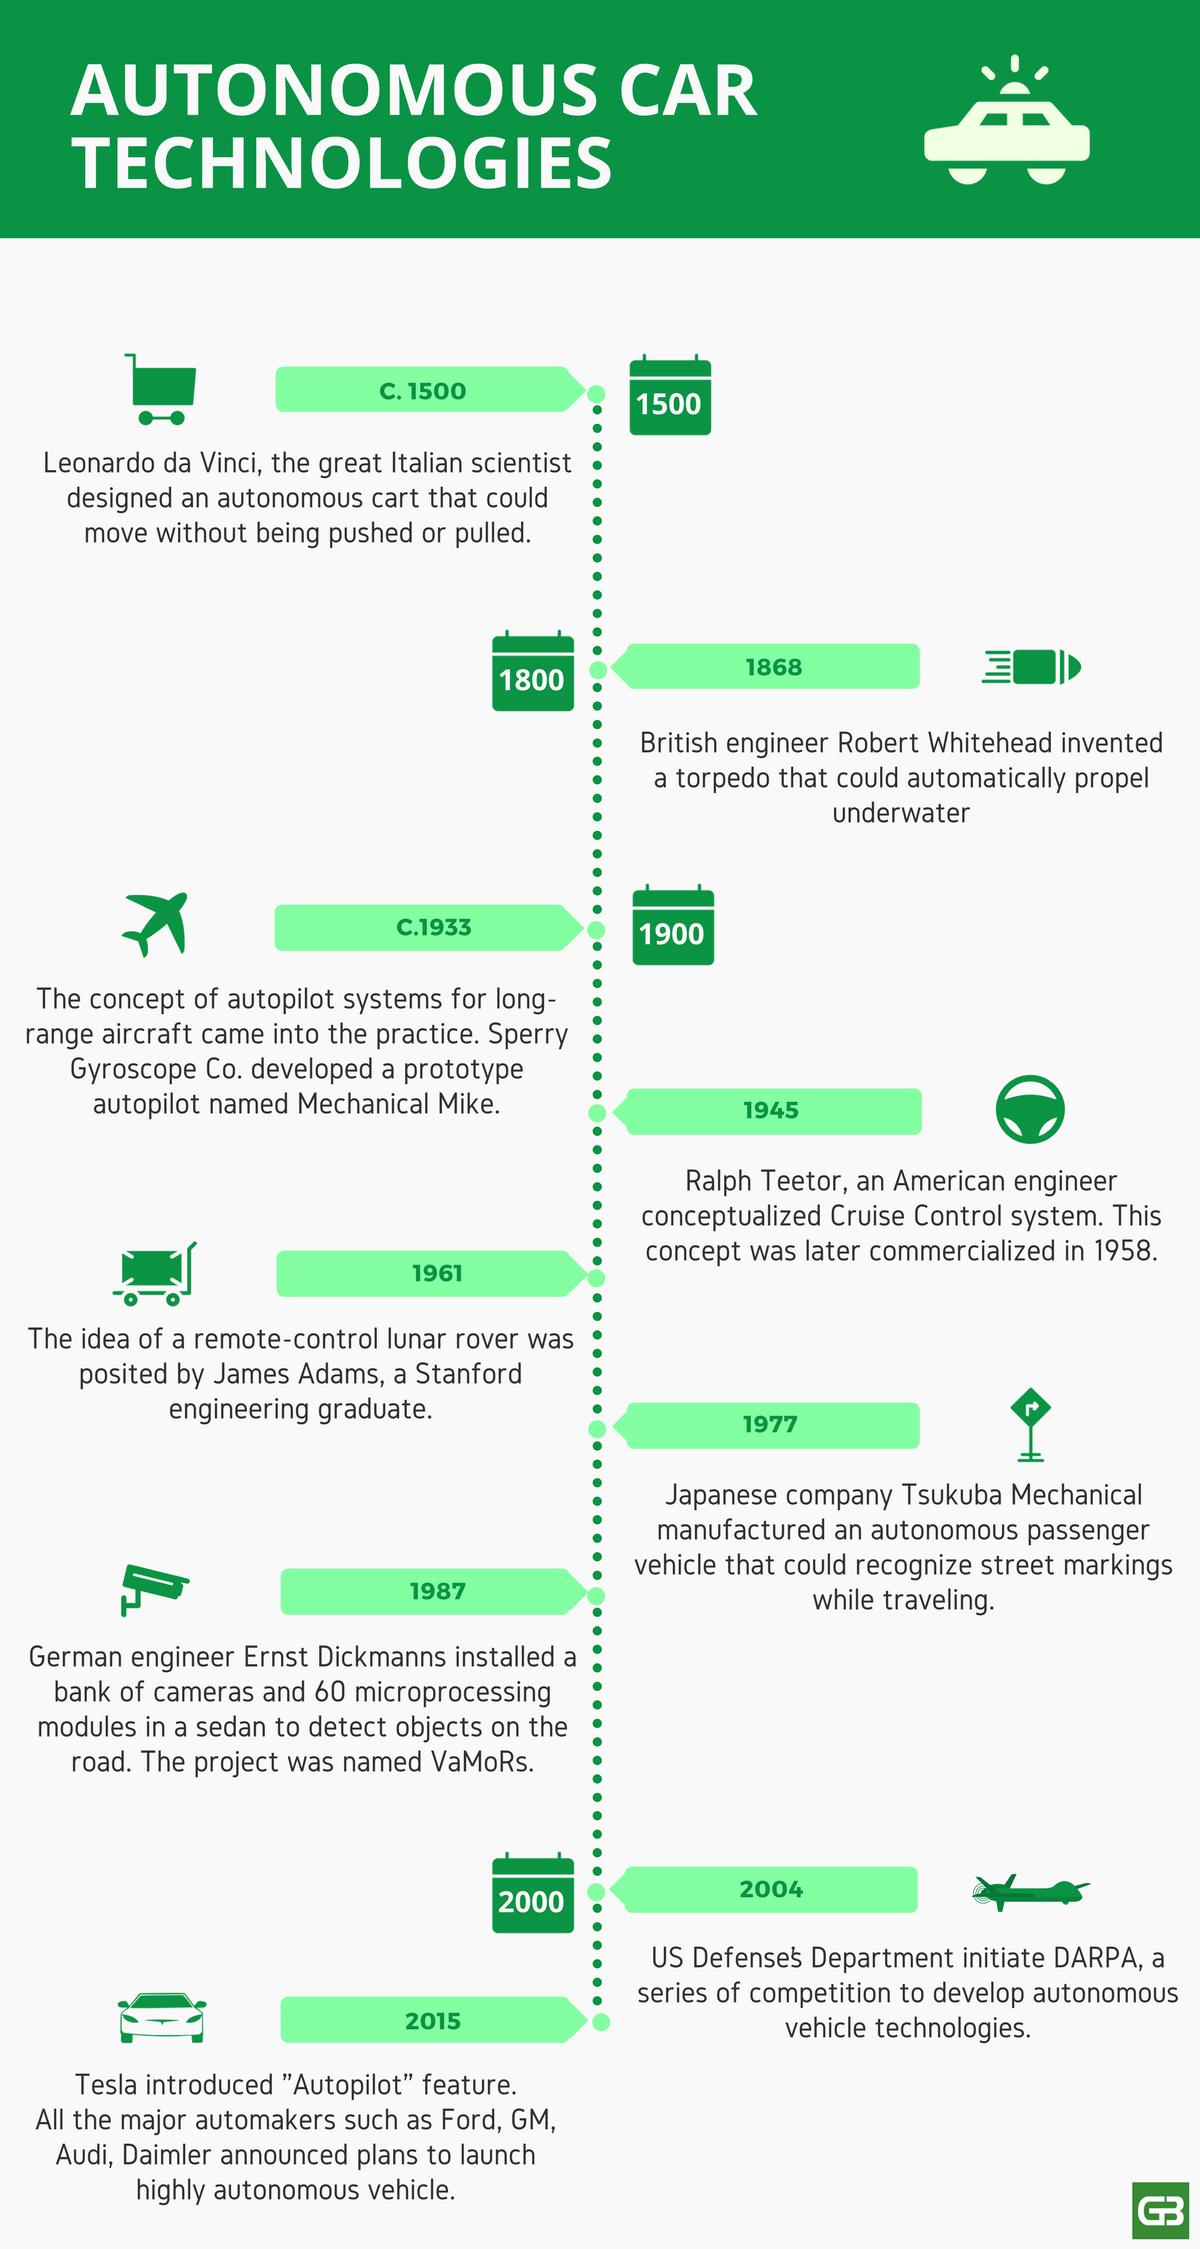 History of autonomous car technologies